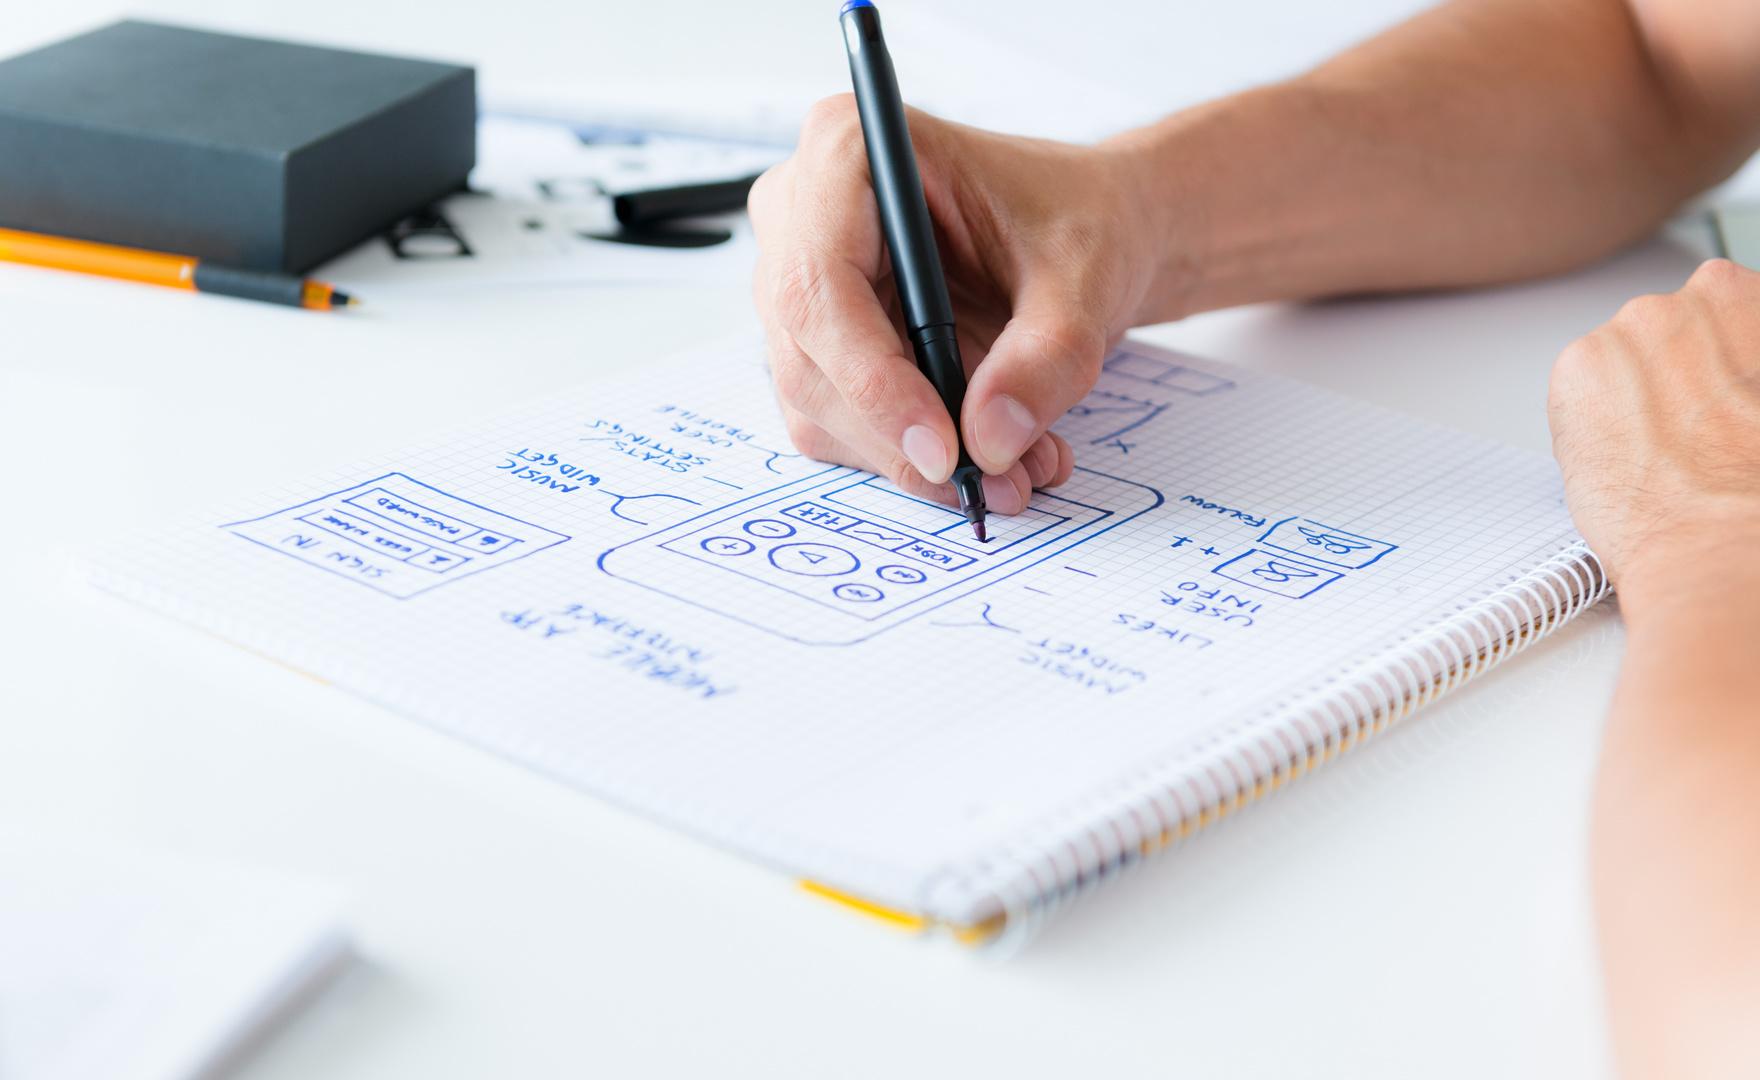 дизайн-мышление и промышленный дизайн